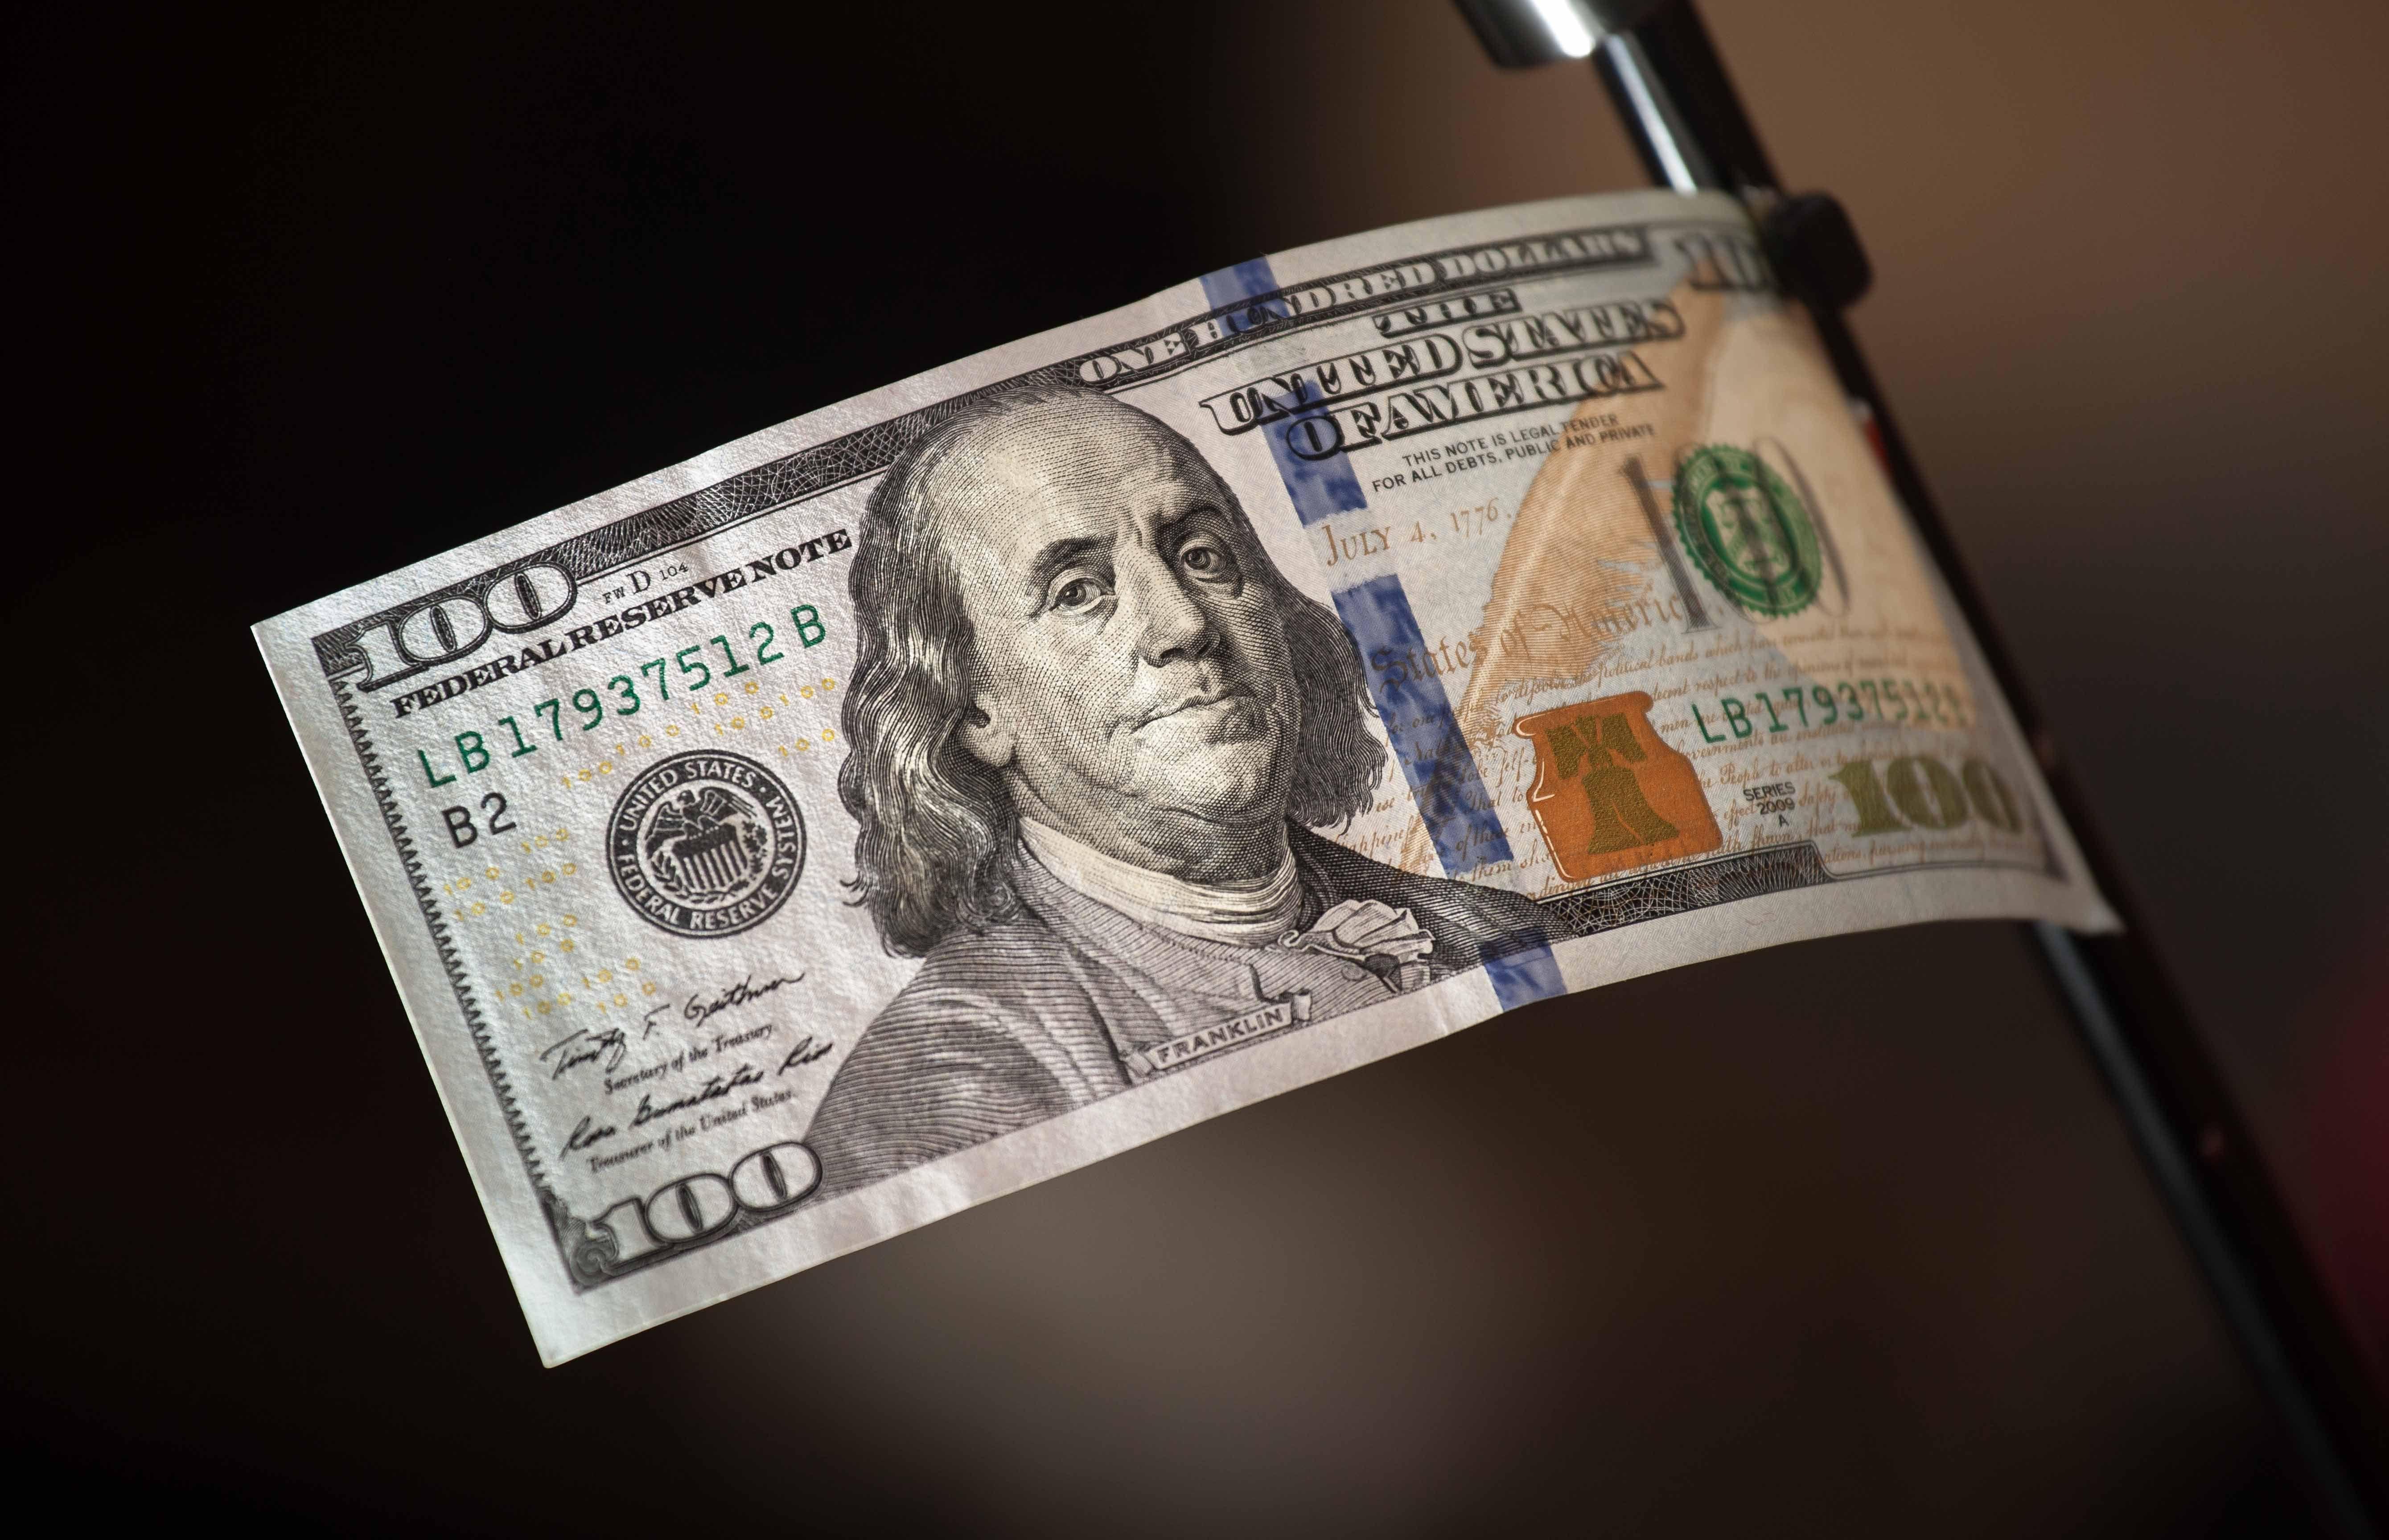 Дональд Трамп заявил, что курс доллара будет лишь укрепляться- Kapital.kz